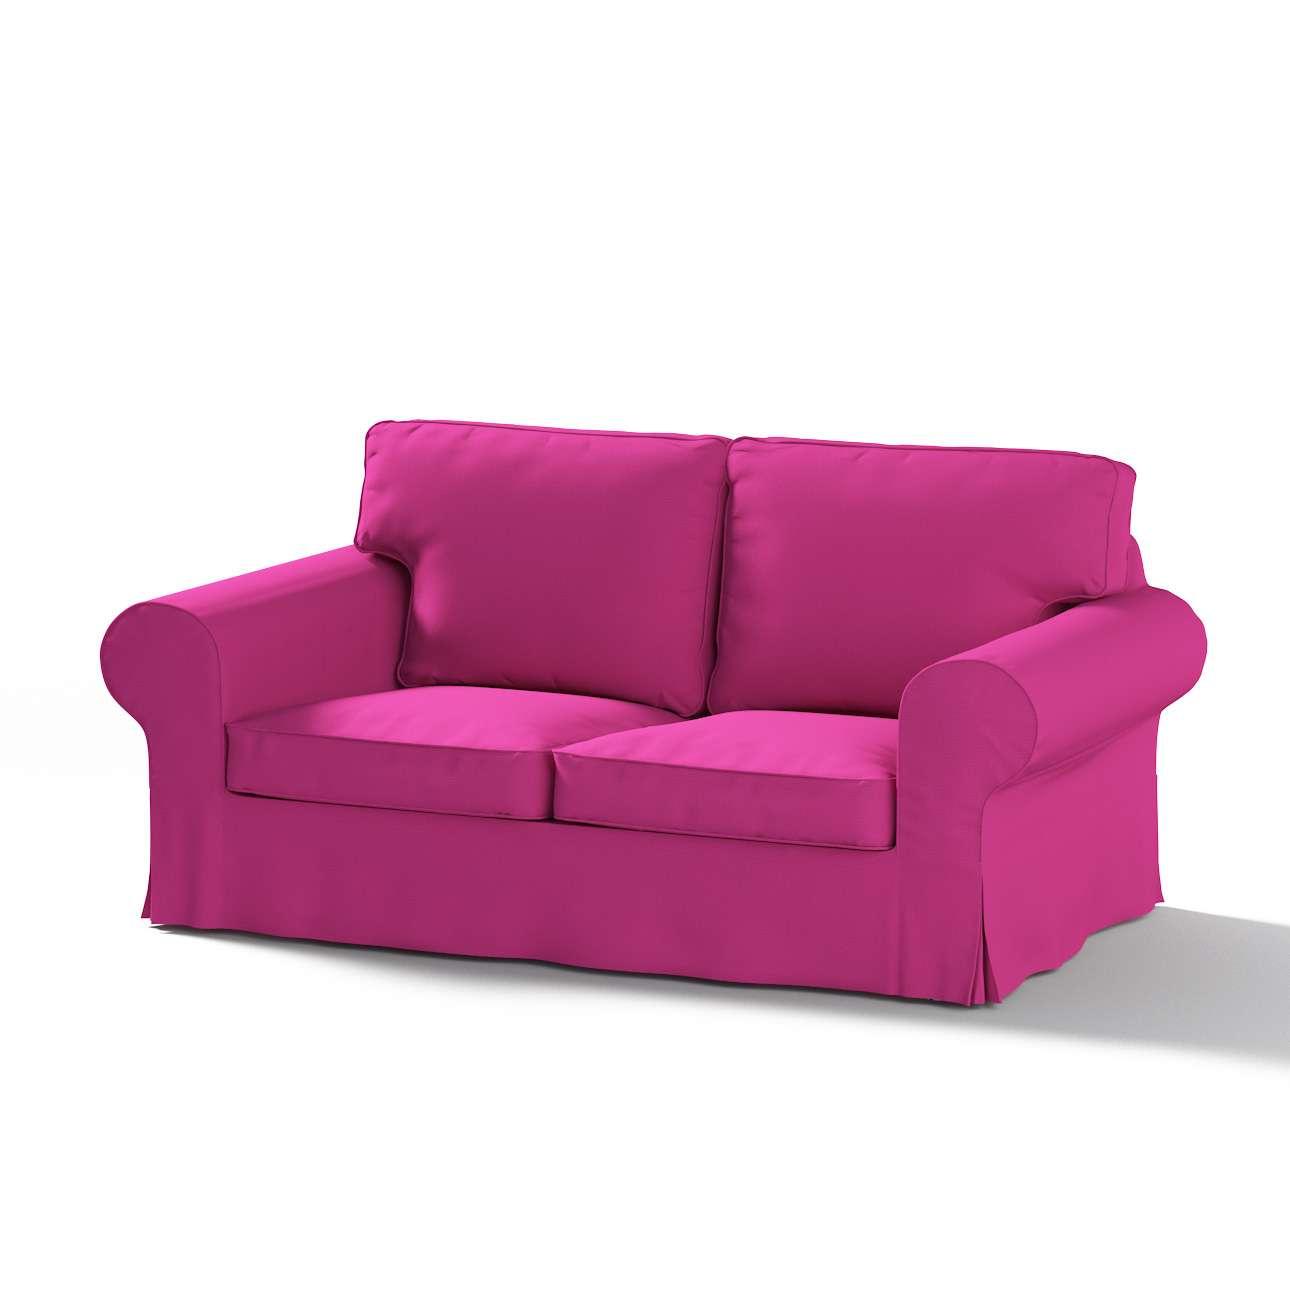 Pokrowiec na sofę Ektorp 2-osobową, nierozkładaną w kolekcji Etna , tkanina: 705-23